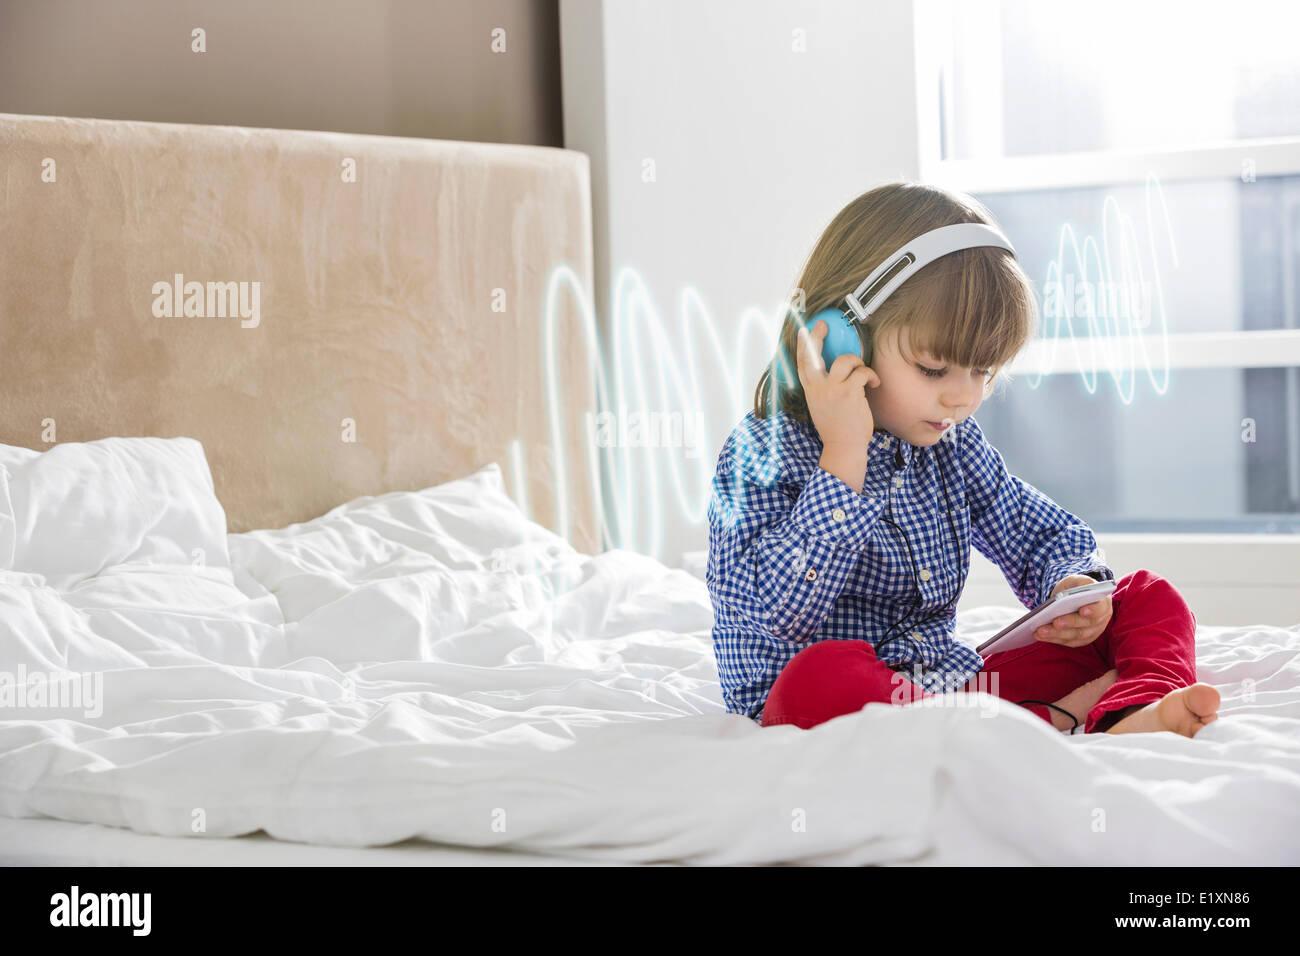 La longitud total del chico escuchando música a través de auriculares en la cama Imagen De Stock